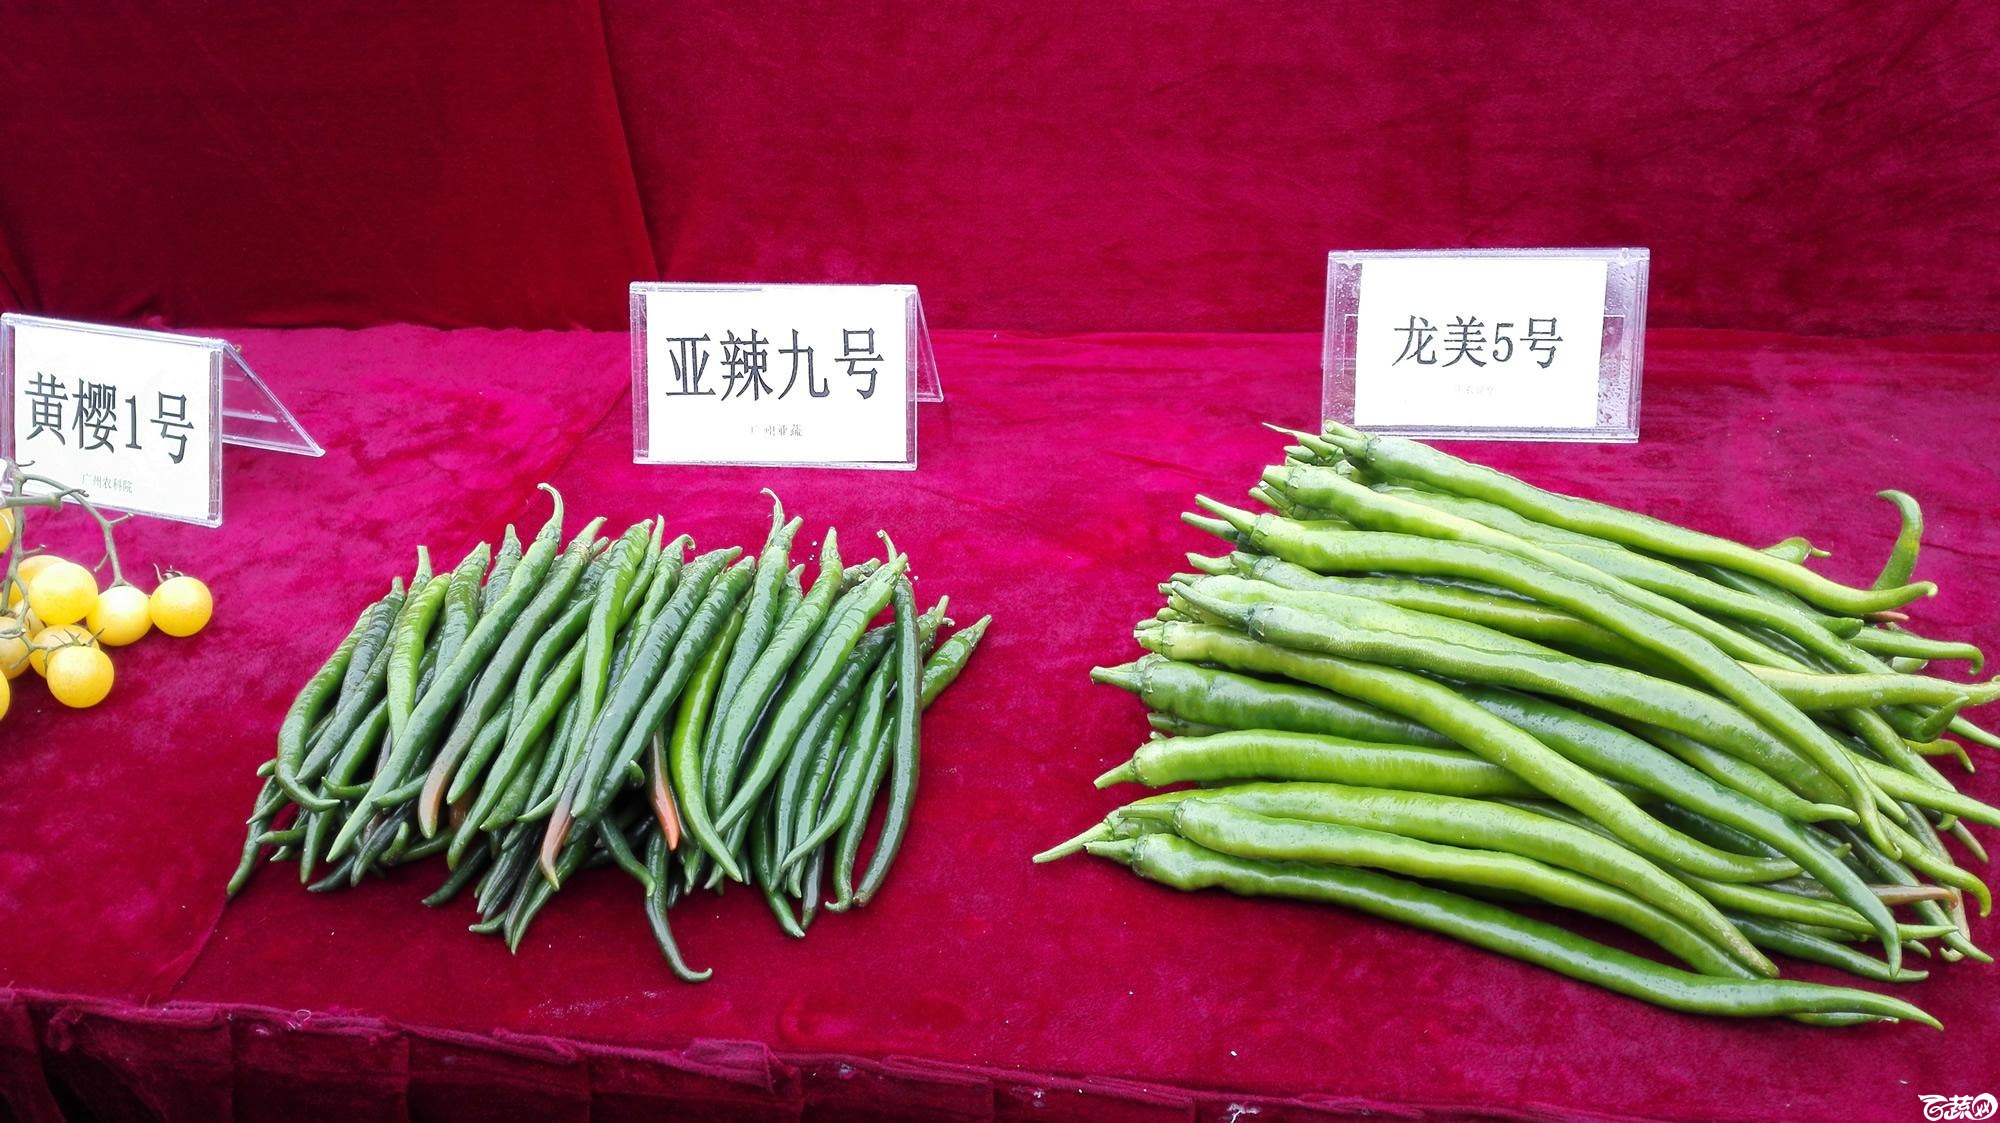 2014年12月8号中山蔬菜新品种展示会_辣椒_003.jpg